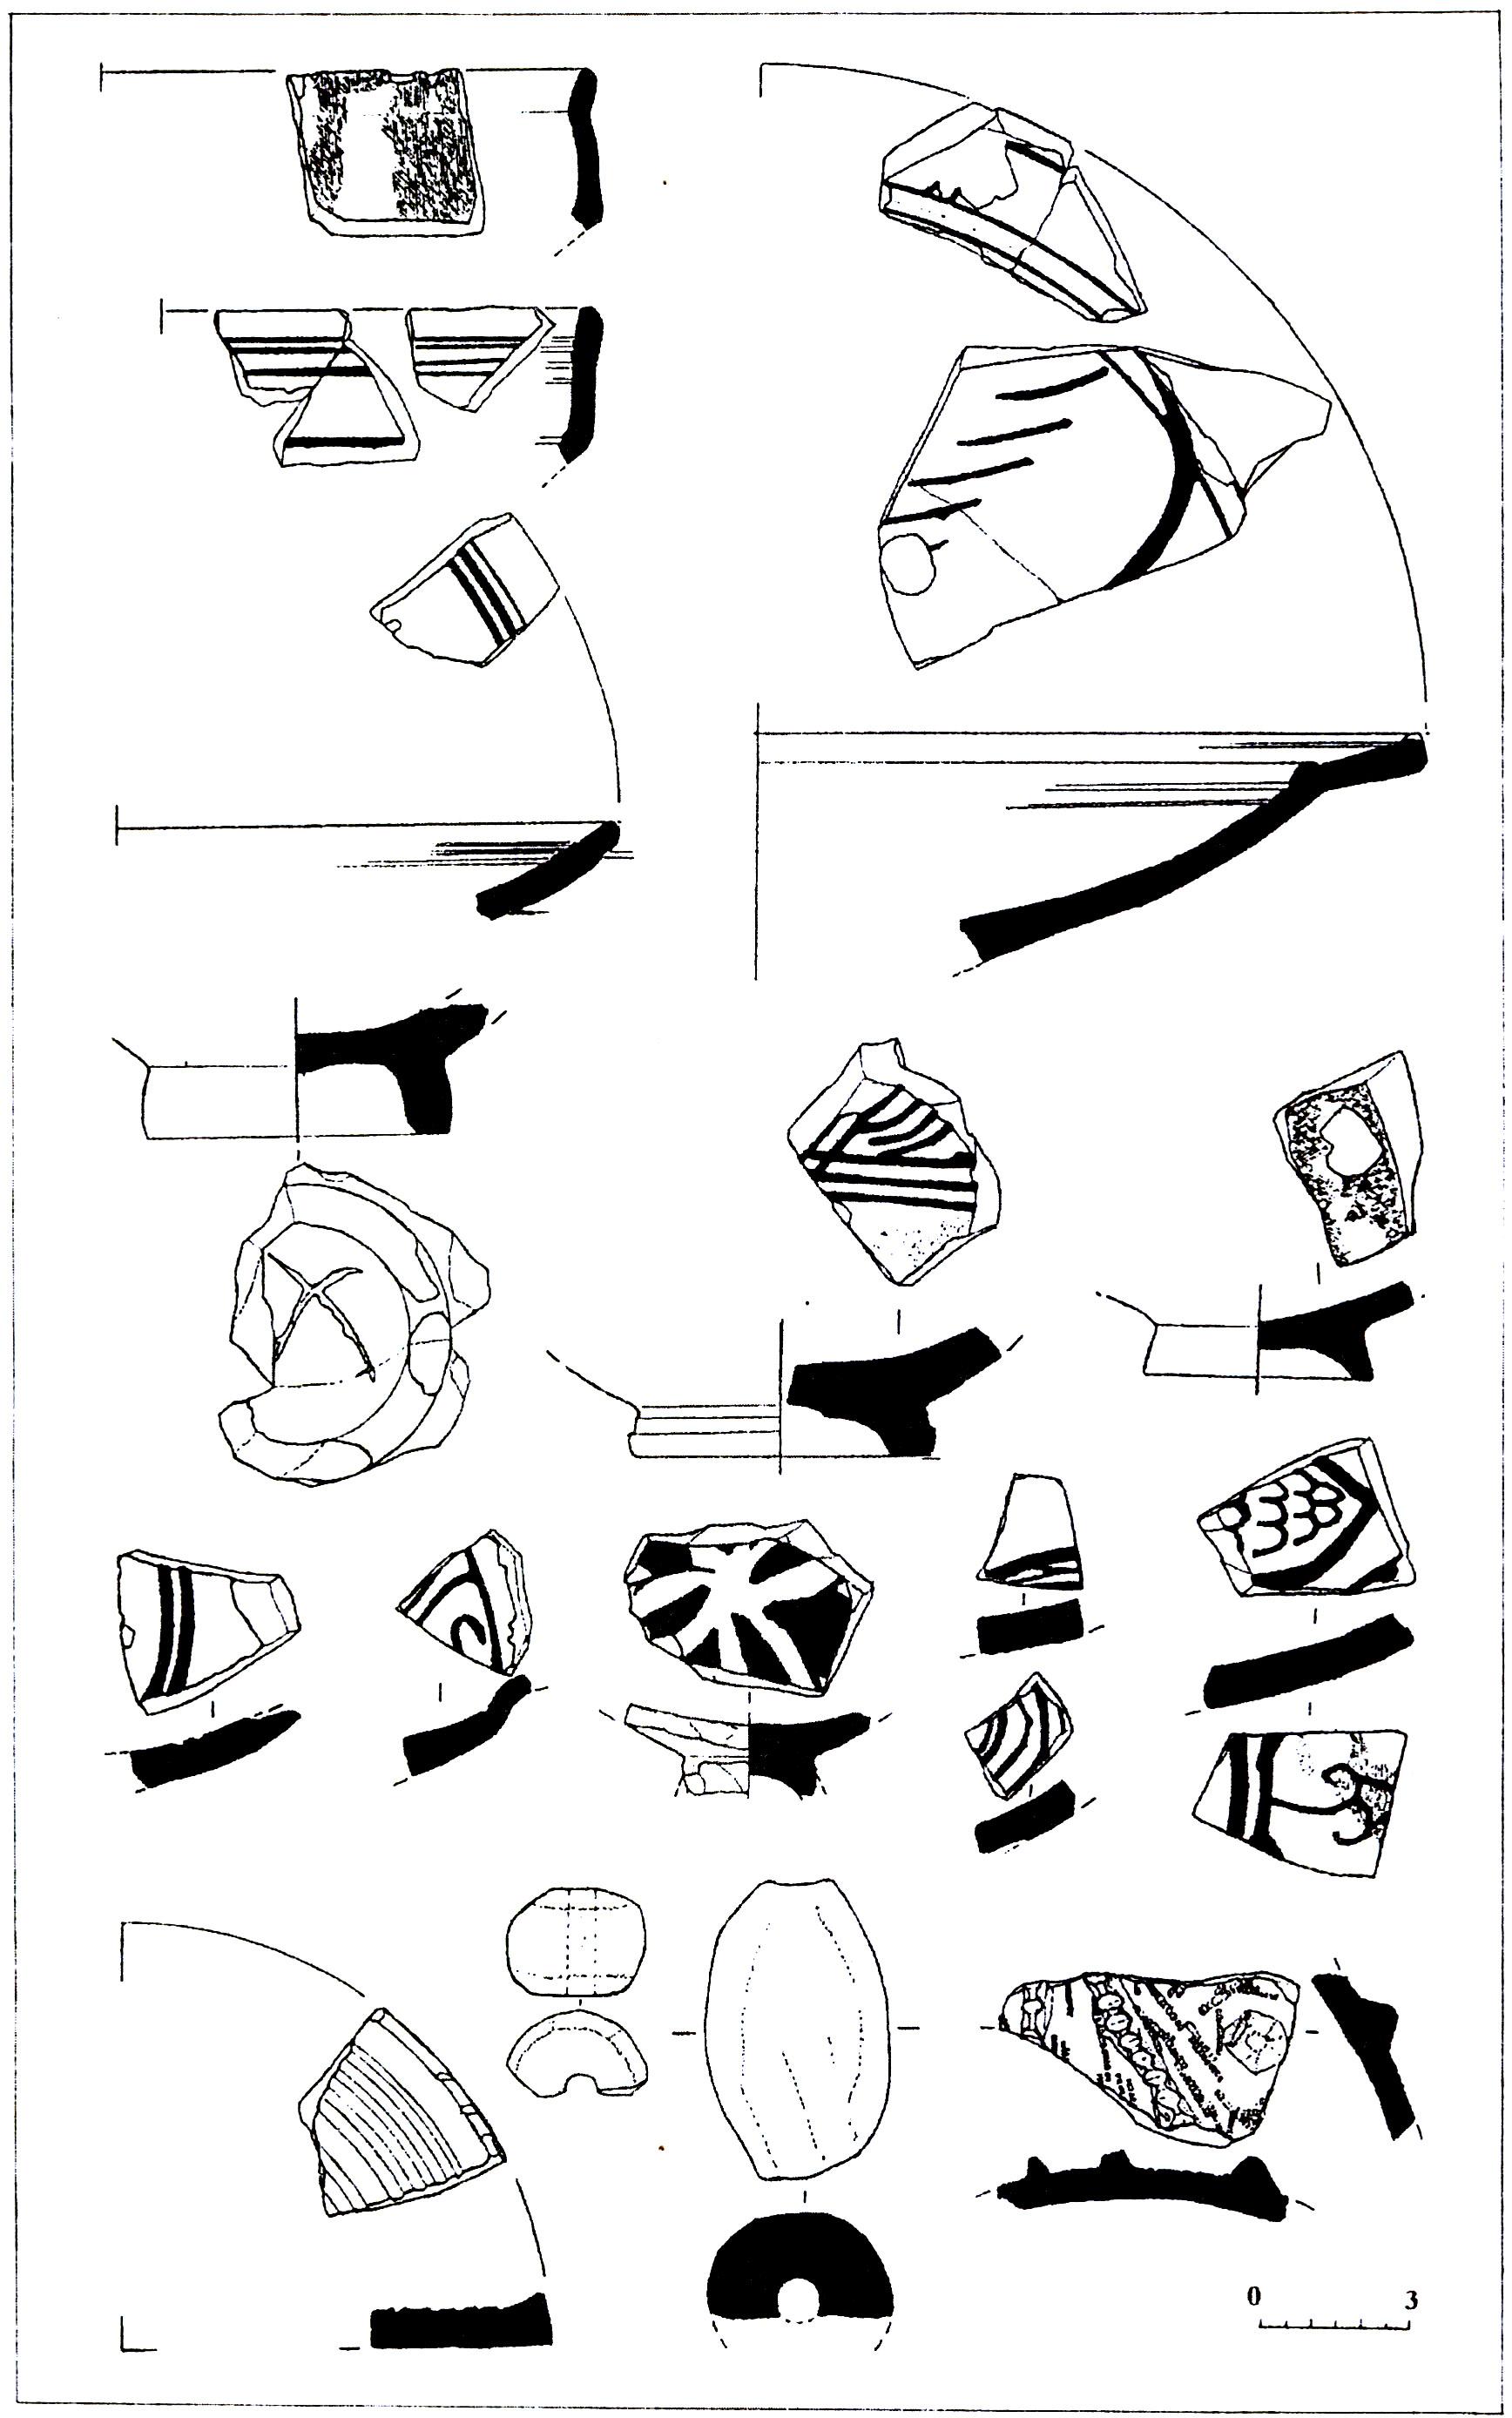 Рис. 4. Керамические находки (фрагменты поливной и неполивной посуды XIV-XV вв., прясло и грузило) с поселения на юго-западном «плече» Аю-Дага.